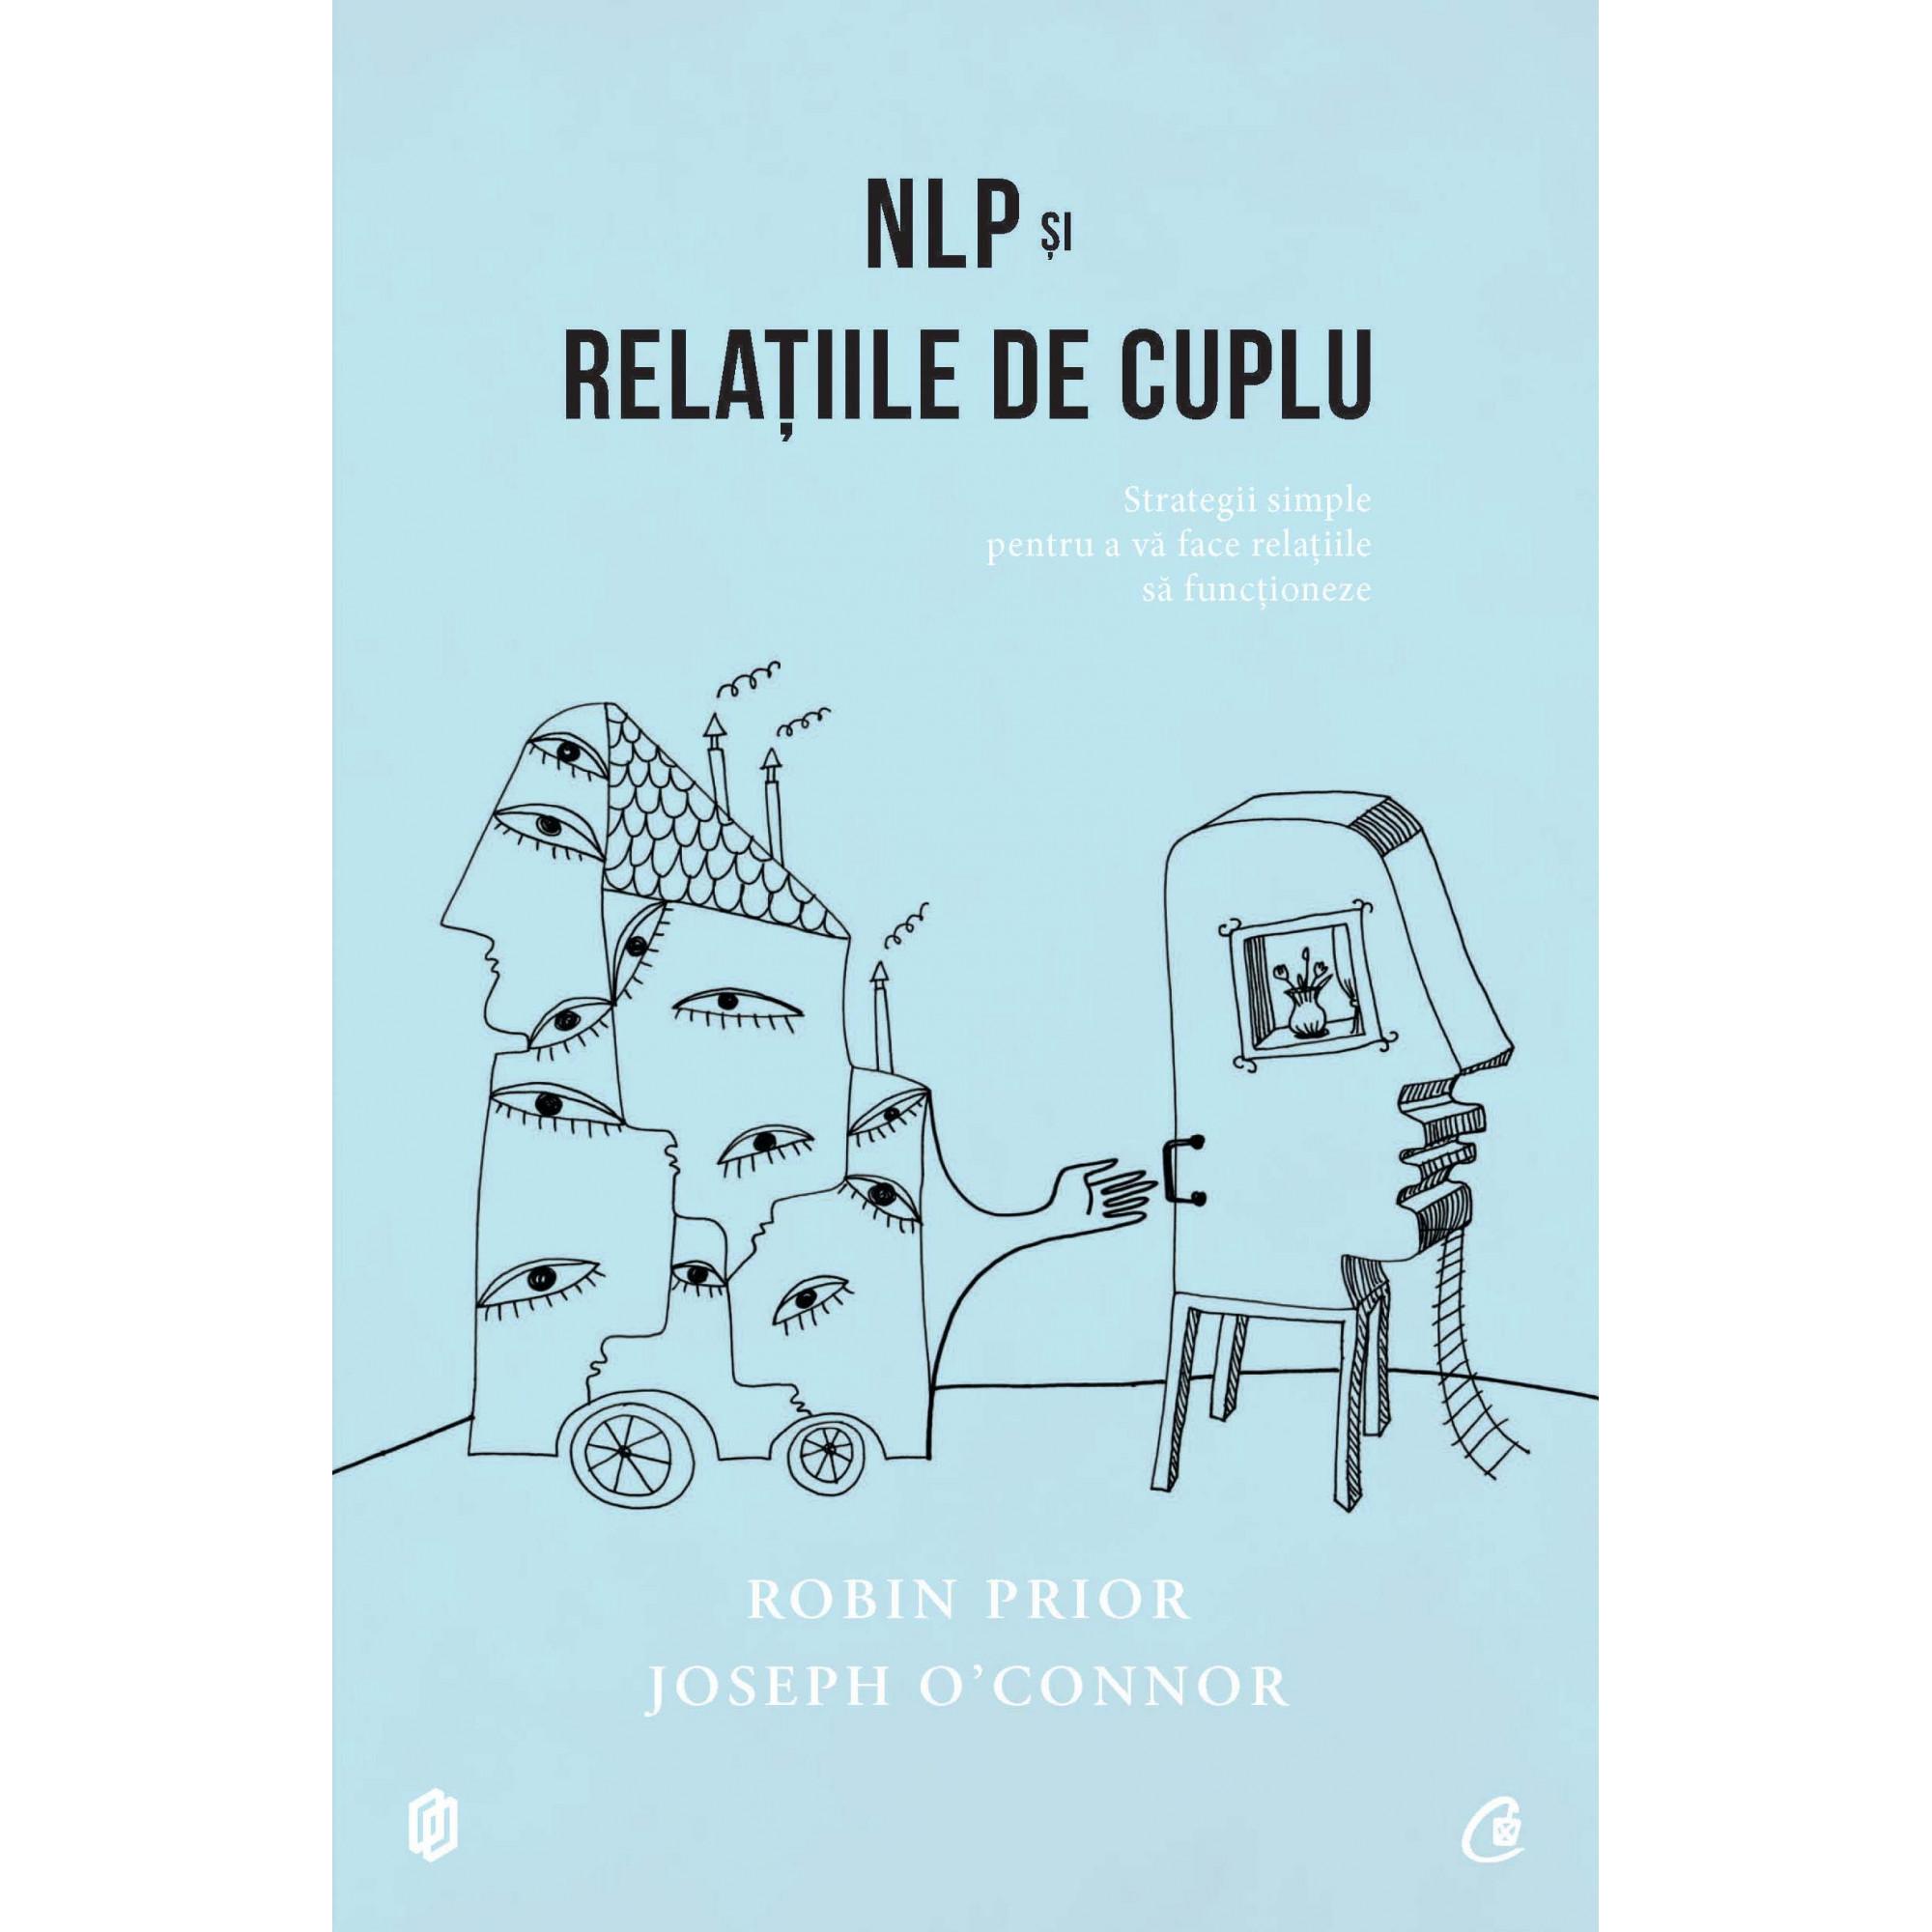 NLP şi relaţiile de cuplu. Ediția a II-a revizuită; Robin Prior, Joseph O'Connor